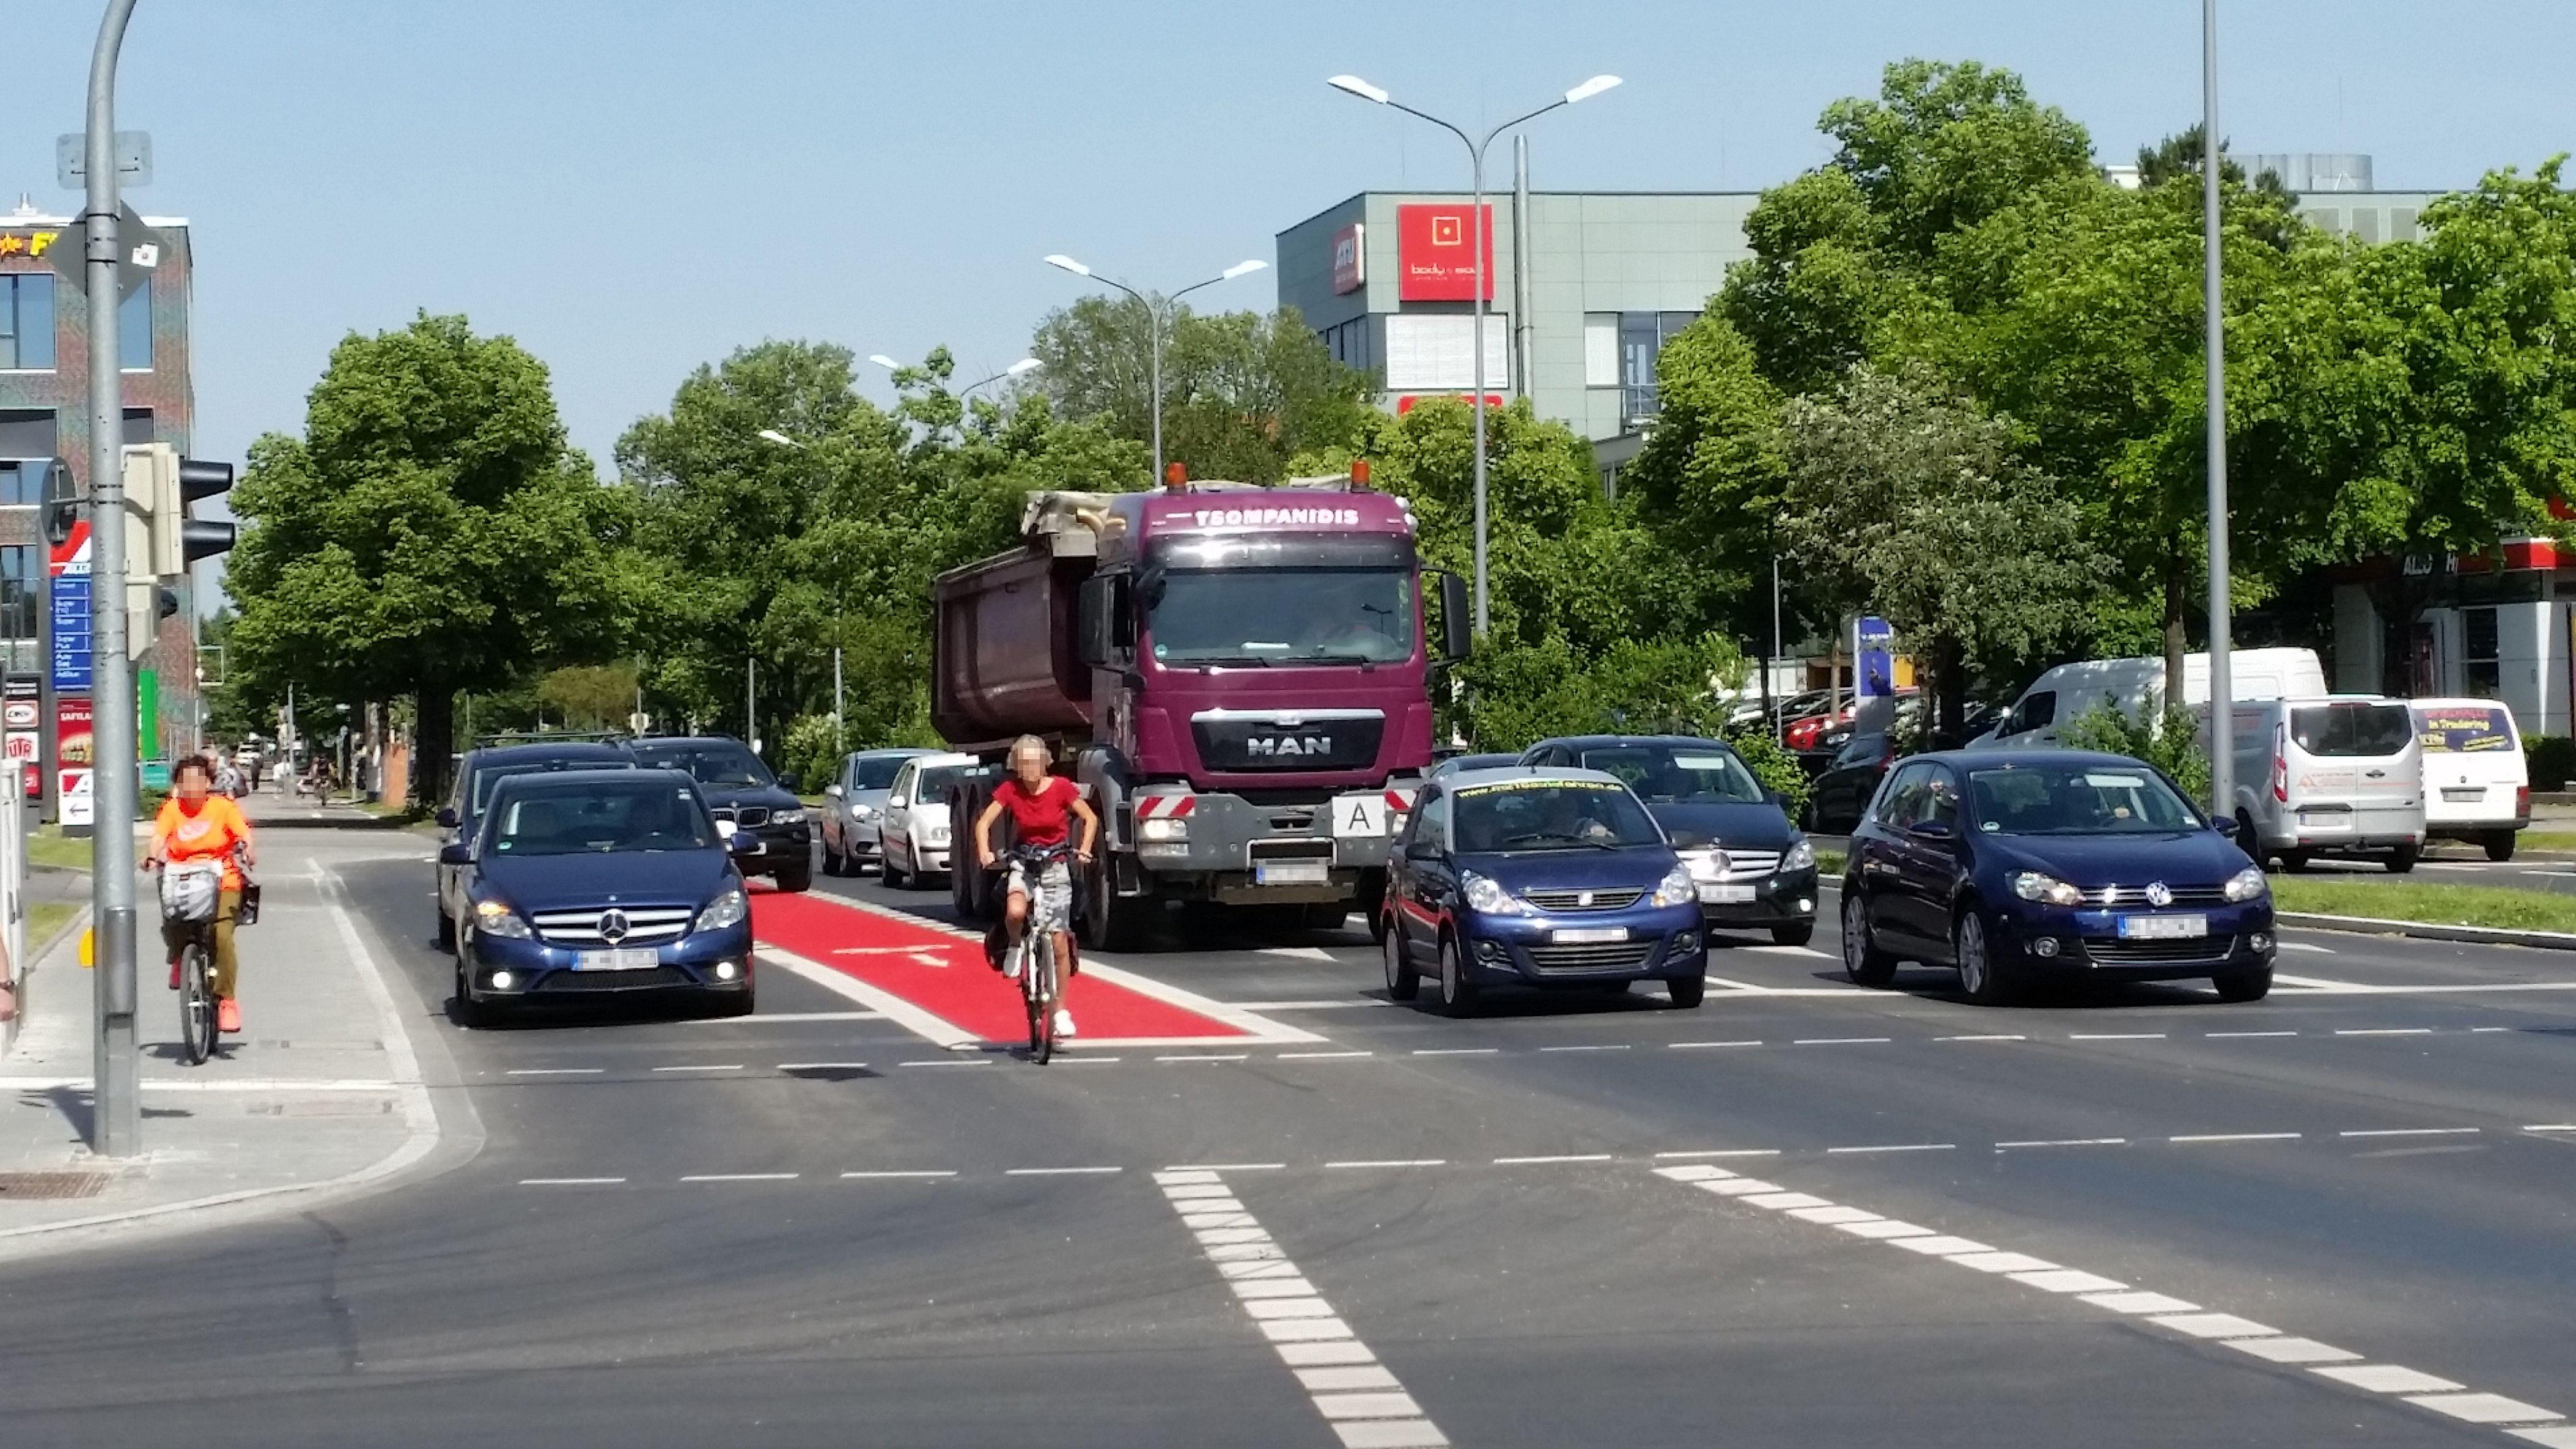 Trotz roter Farbe: Auf dieser Ausfallstraße im Münchner Osten leben Radlfahrer gefährlich - hinten links ist noch eine Tankstellenausfahrt.